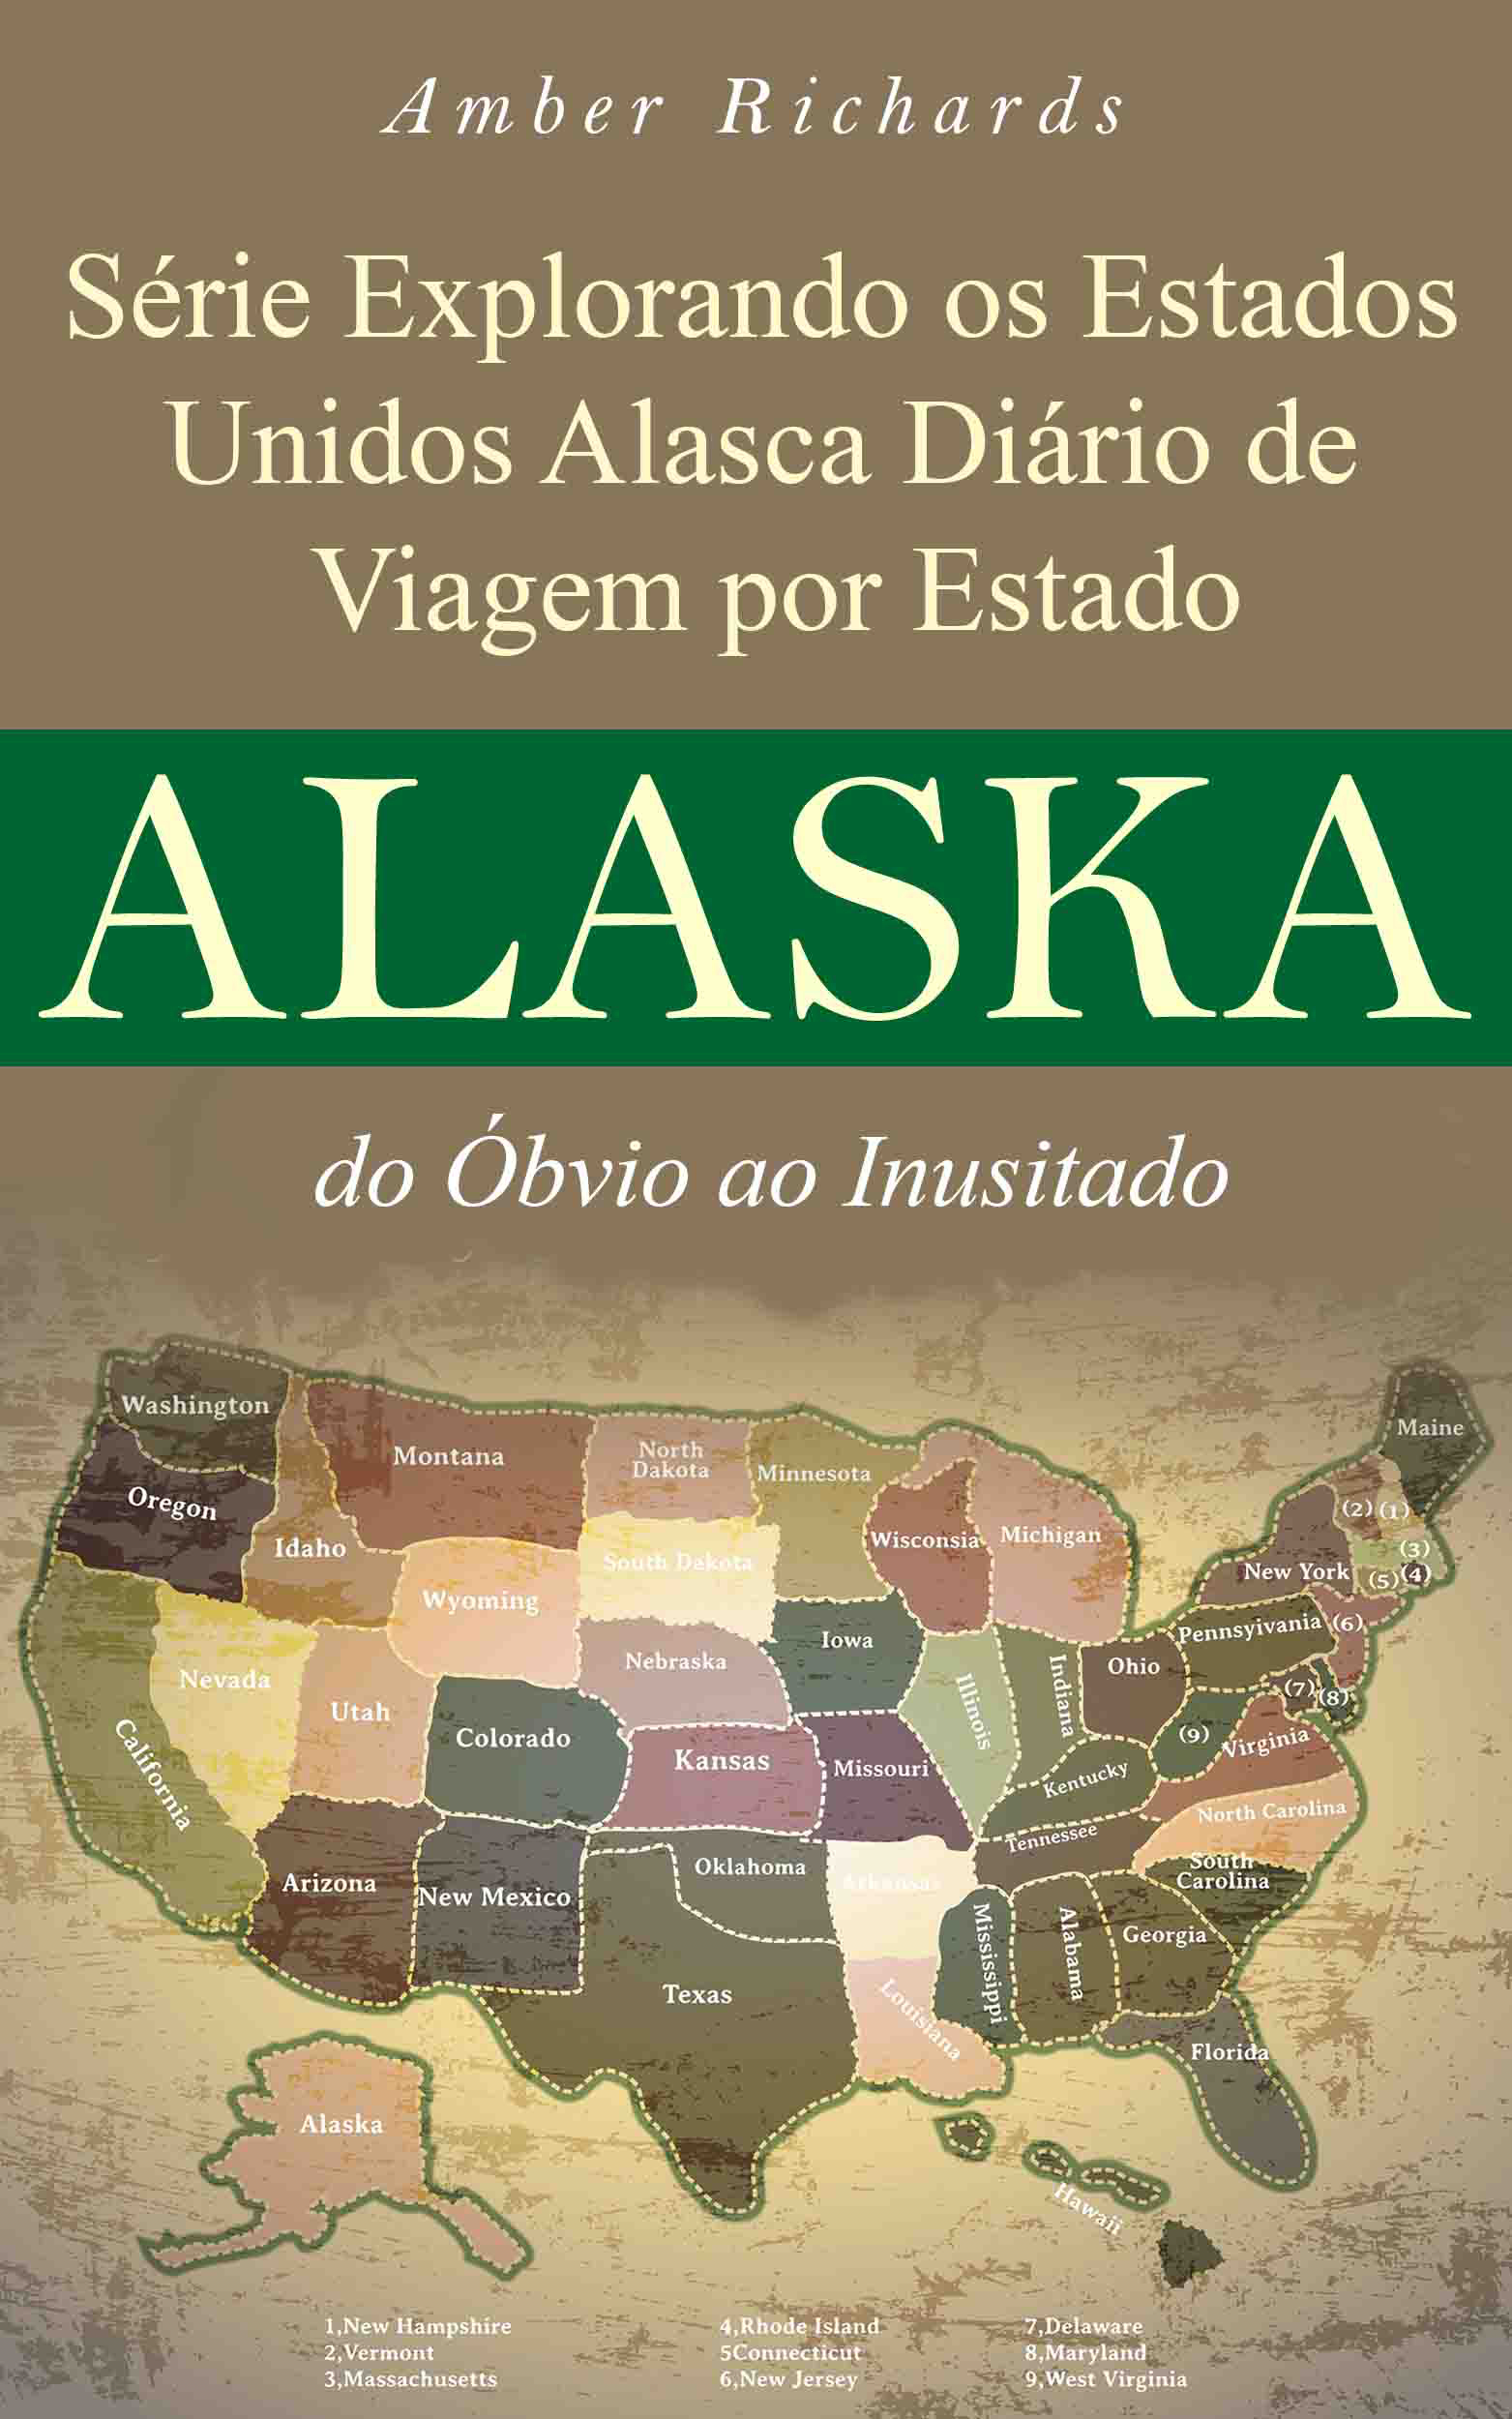 Série Explorando os Estados Unidos Alasca Diário de Viagem por Estado: do Óbvio ao Inusitado Amber Richards